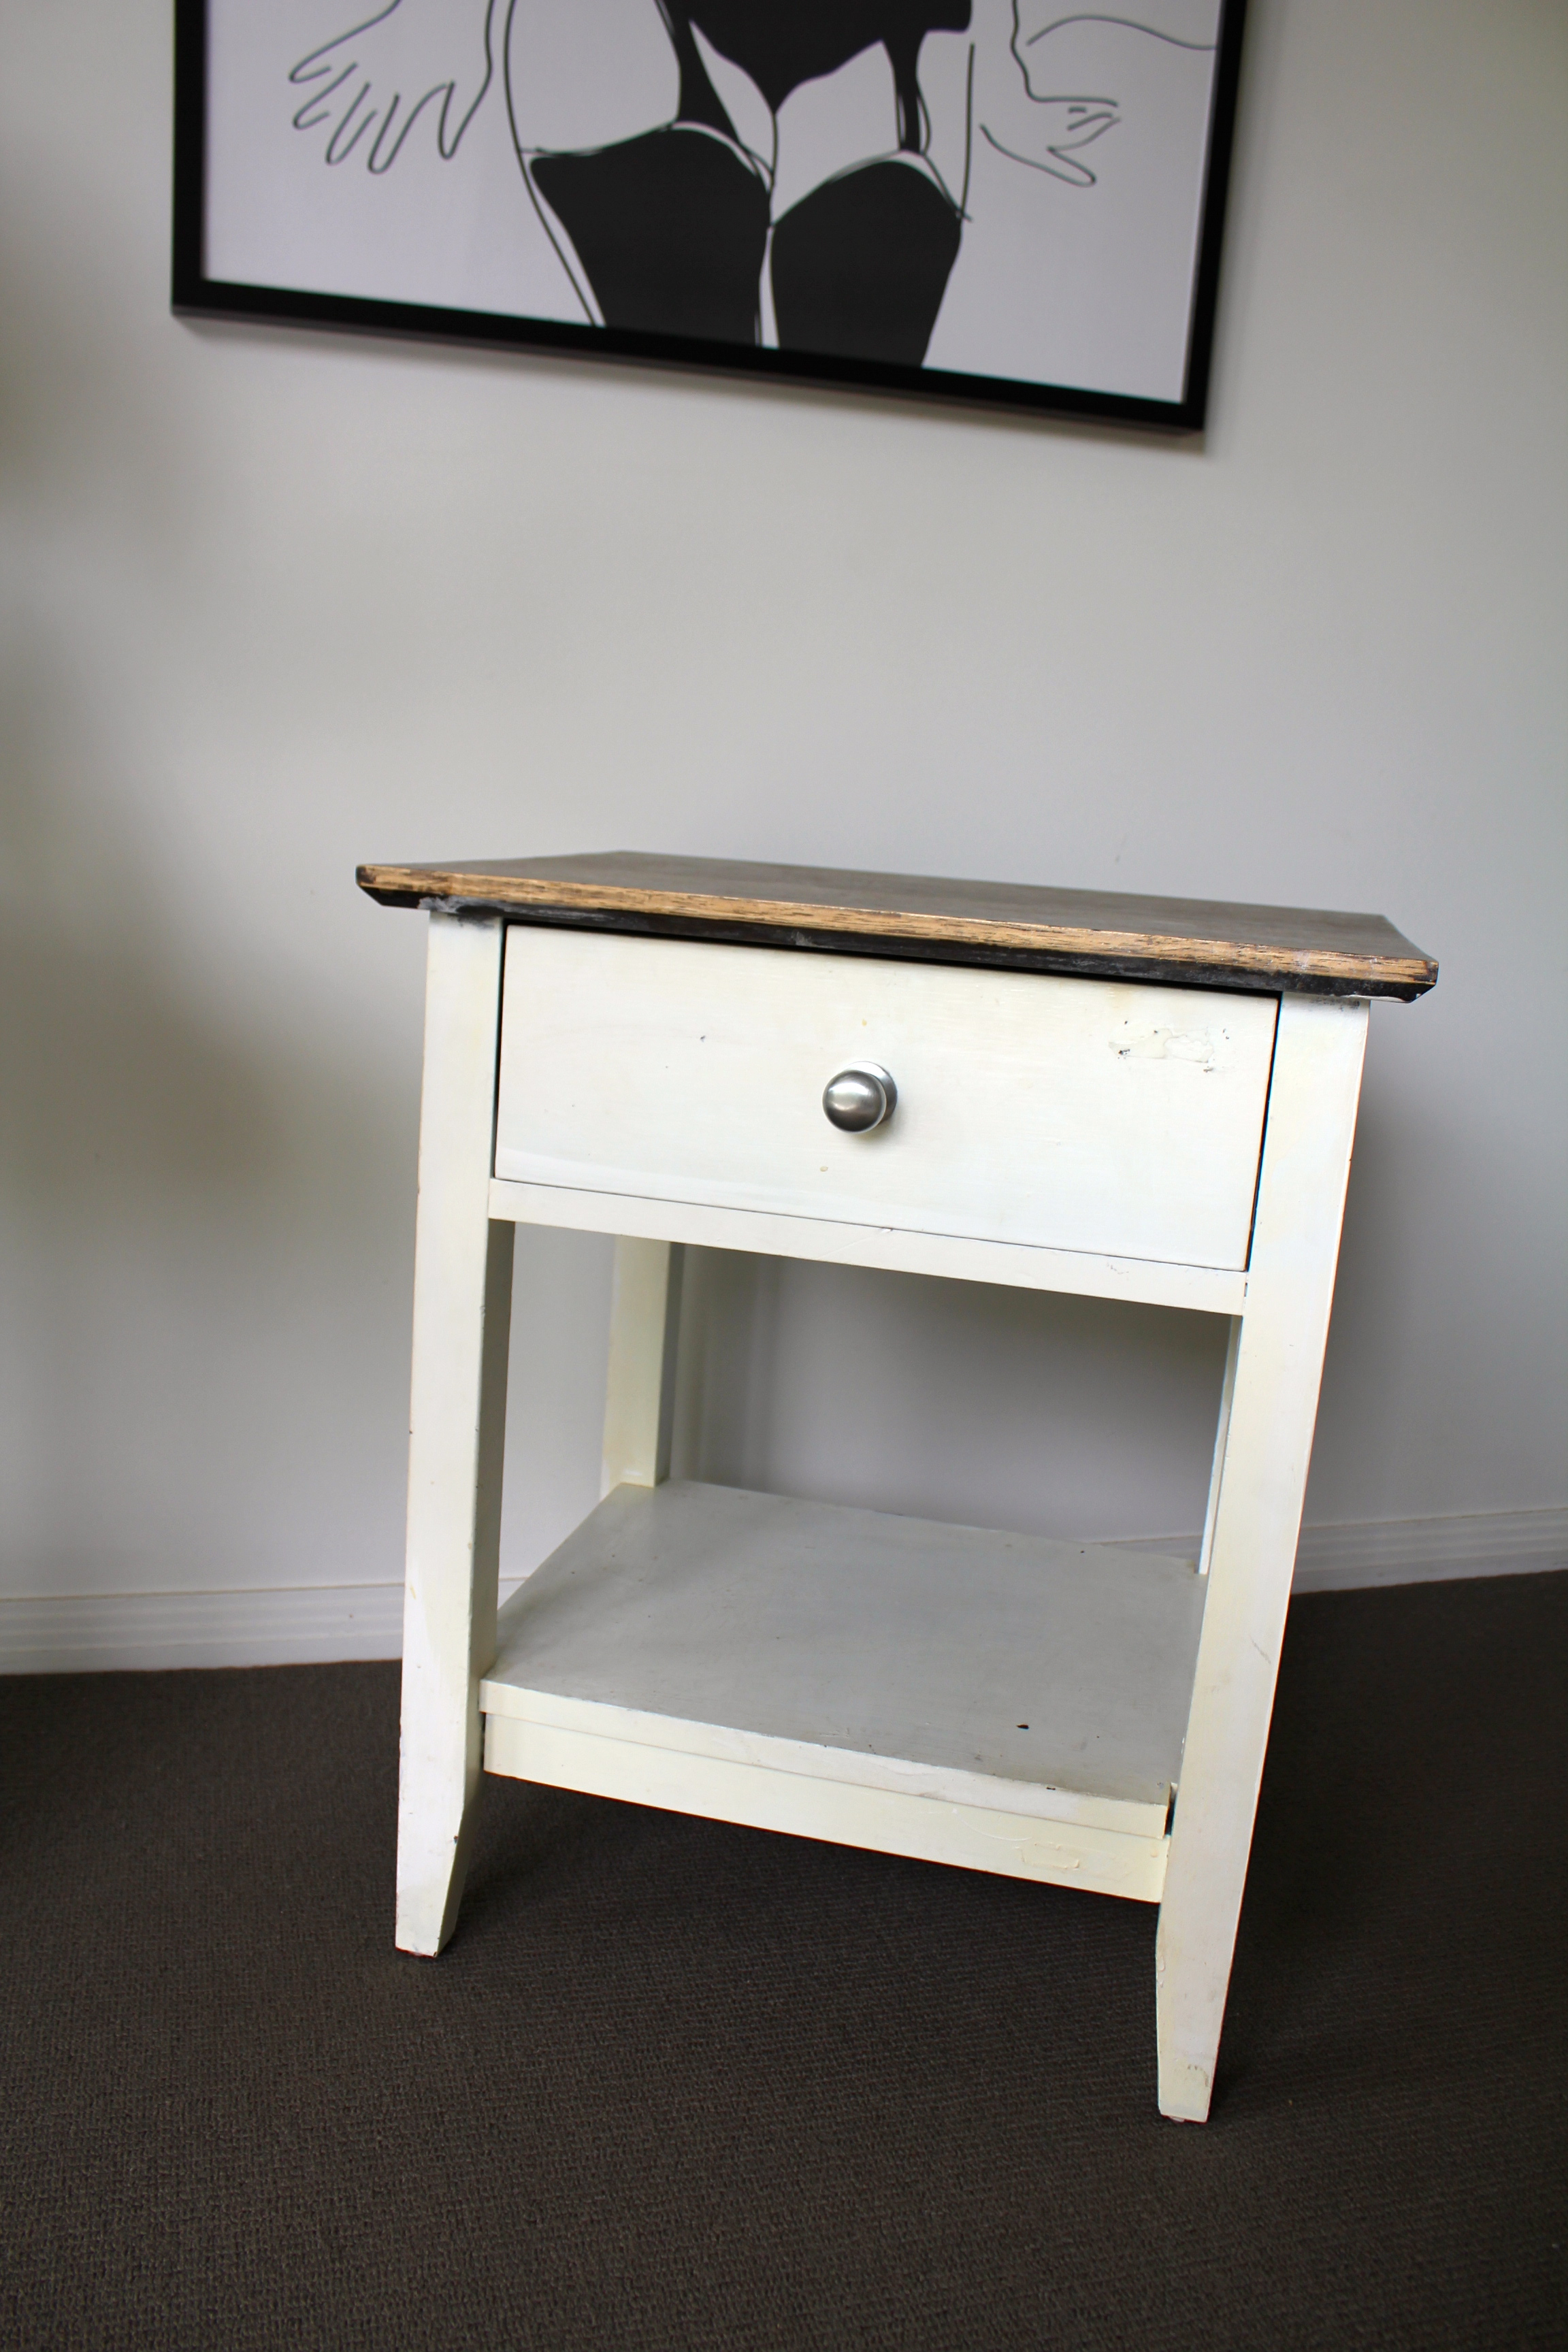 Furniture restoration using annie sloan chalk paint for Furniture restoration